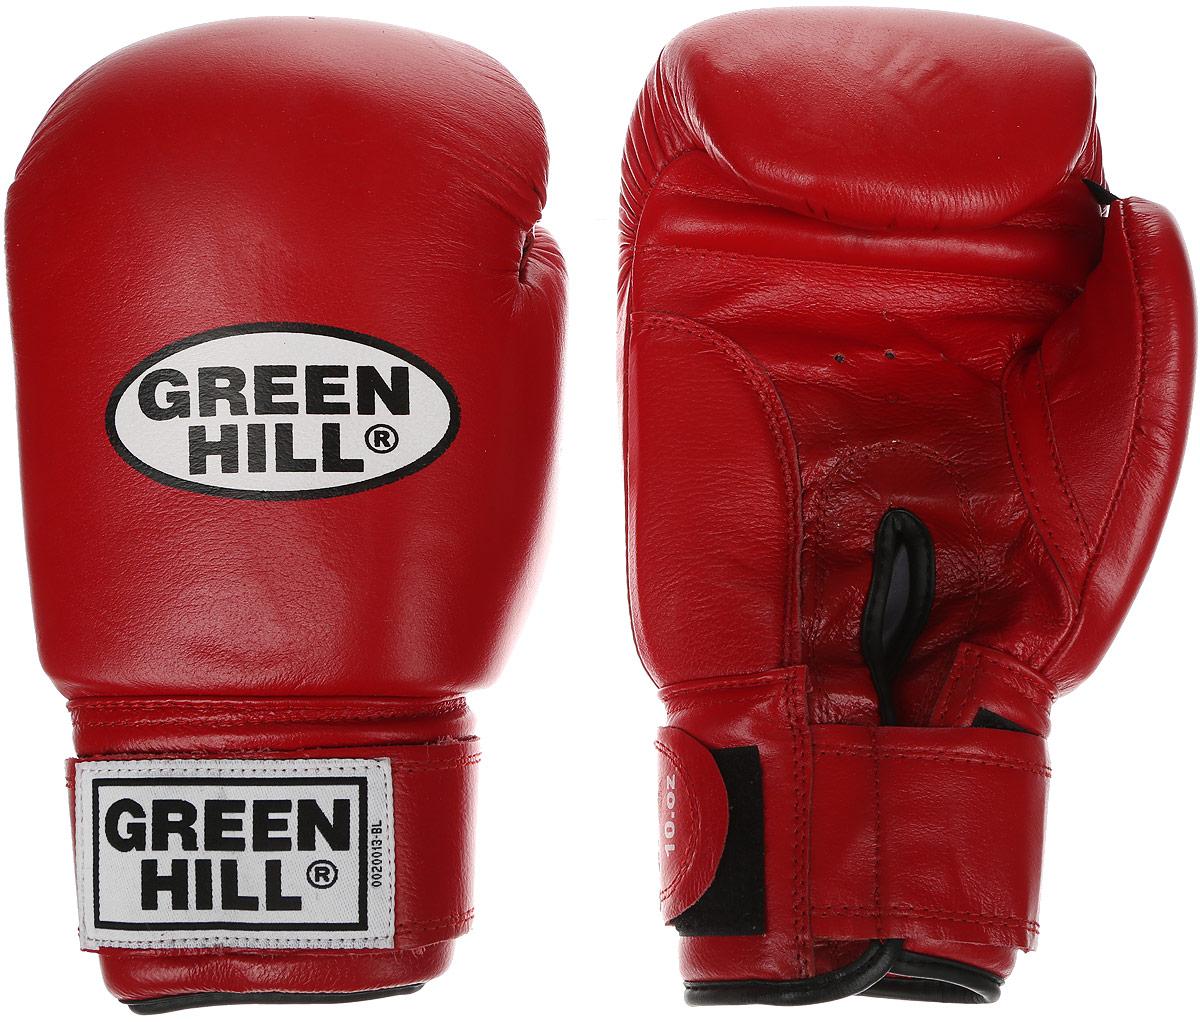 Перчатки боксерские Green Hill Super Star, цвет: красный, белый. Вес 10 унций. BGS-1213сУТ-00004839Боксерские перчатки Green Hill Super Star предназначены для использования профессионалами. Подойдут для спаррингов и соревнований. Верх выполнен из натуральной кожи, наполнитель - из вспененного полимера. Отверстие в области ладони позволяет создать максимально комфортный терморежим во время занятий. Манжет на липучке способствует быстрому и удобному надеванию перчаток, плотно фиксирует перчатки на руке.